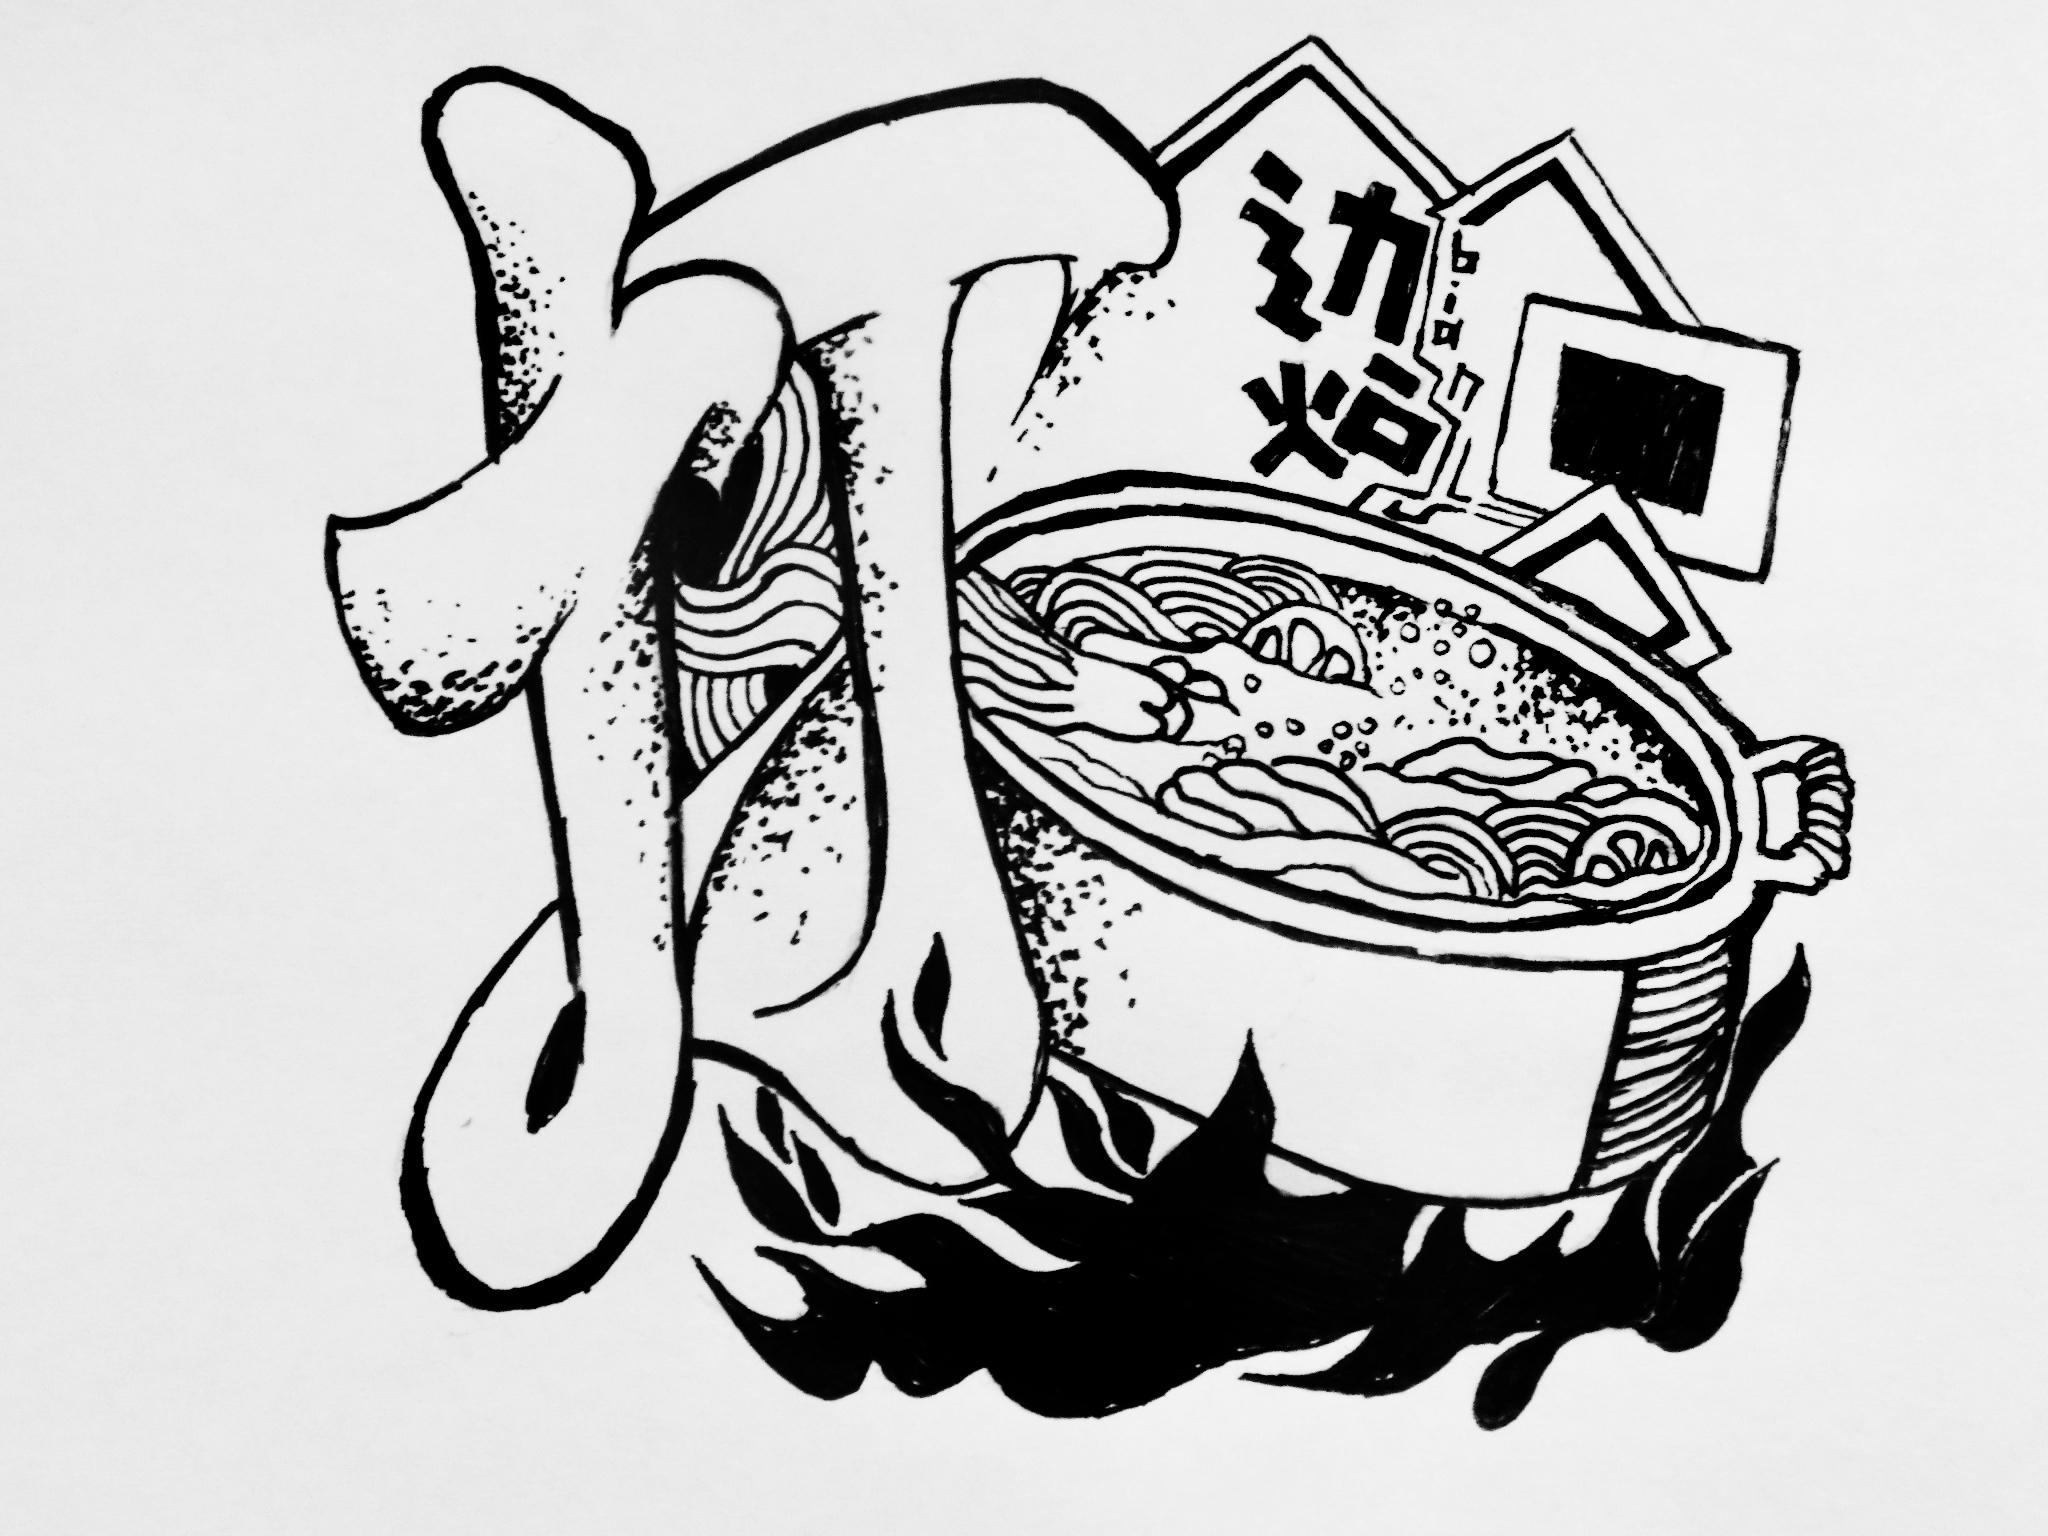 讹g�K���_打边炉实际为打甂炉,是一道色香味俱全的汉族名肴,属于粤菜系.